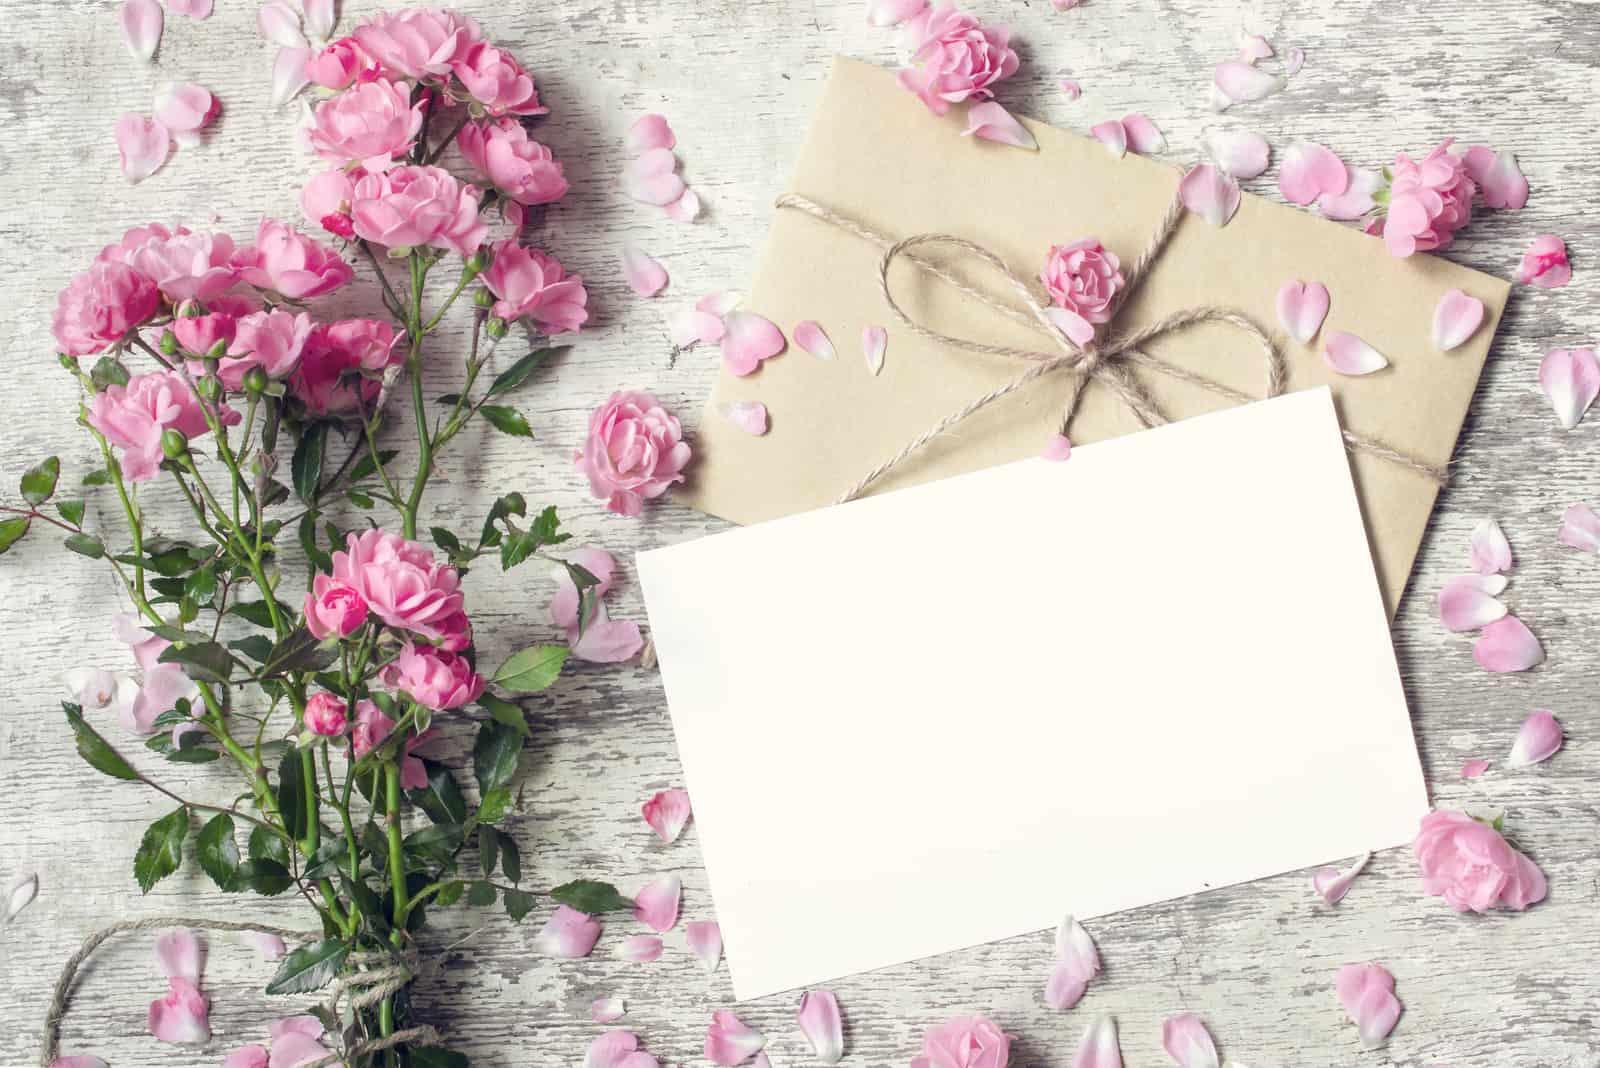 Leere weiße Grußkarte und Umschlag mit rosa Rosenblüten